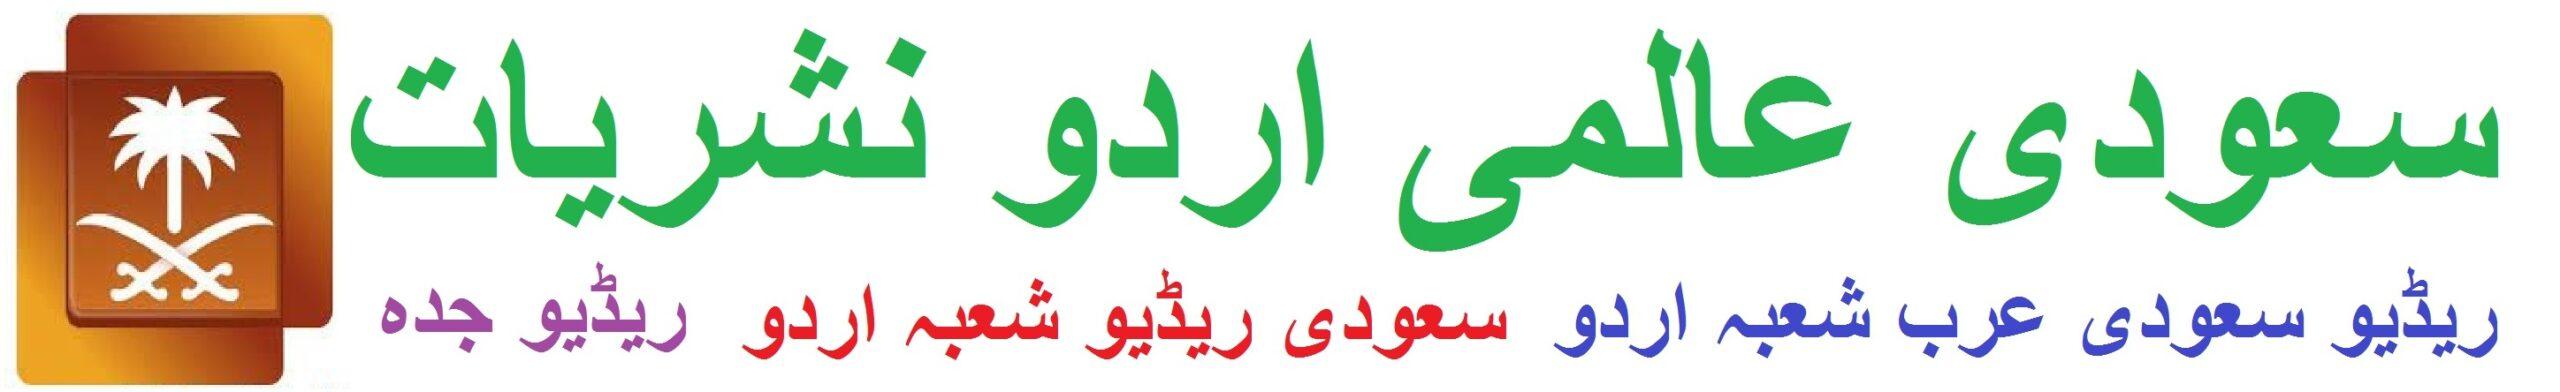 سعودی عالمی اردو نشریات